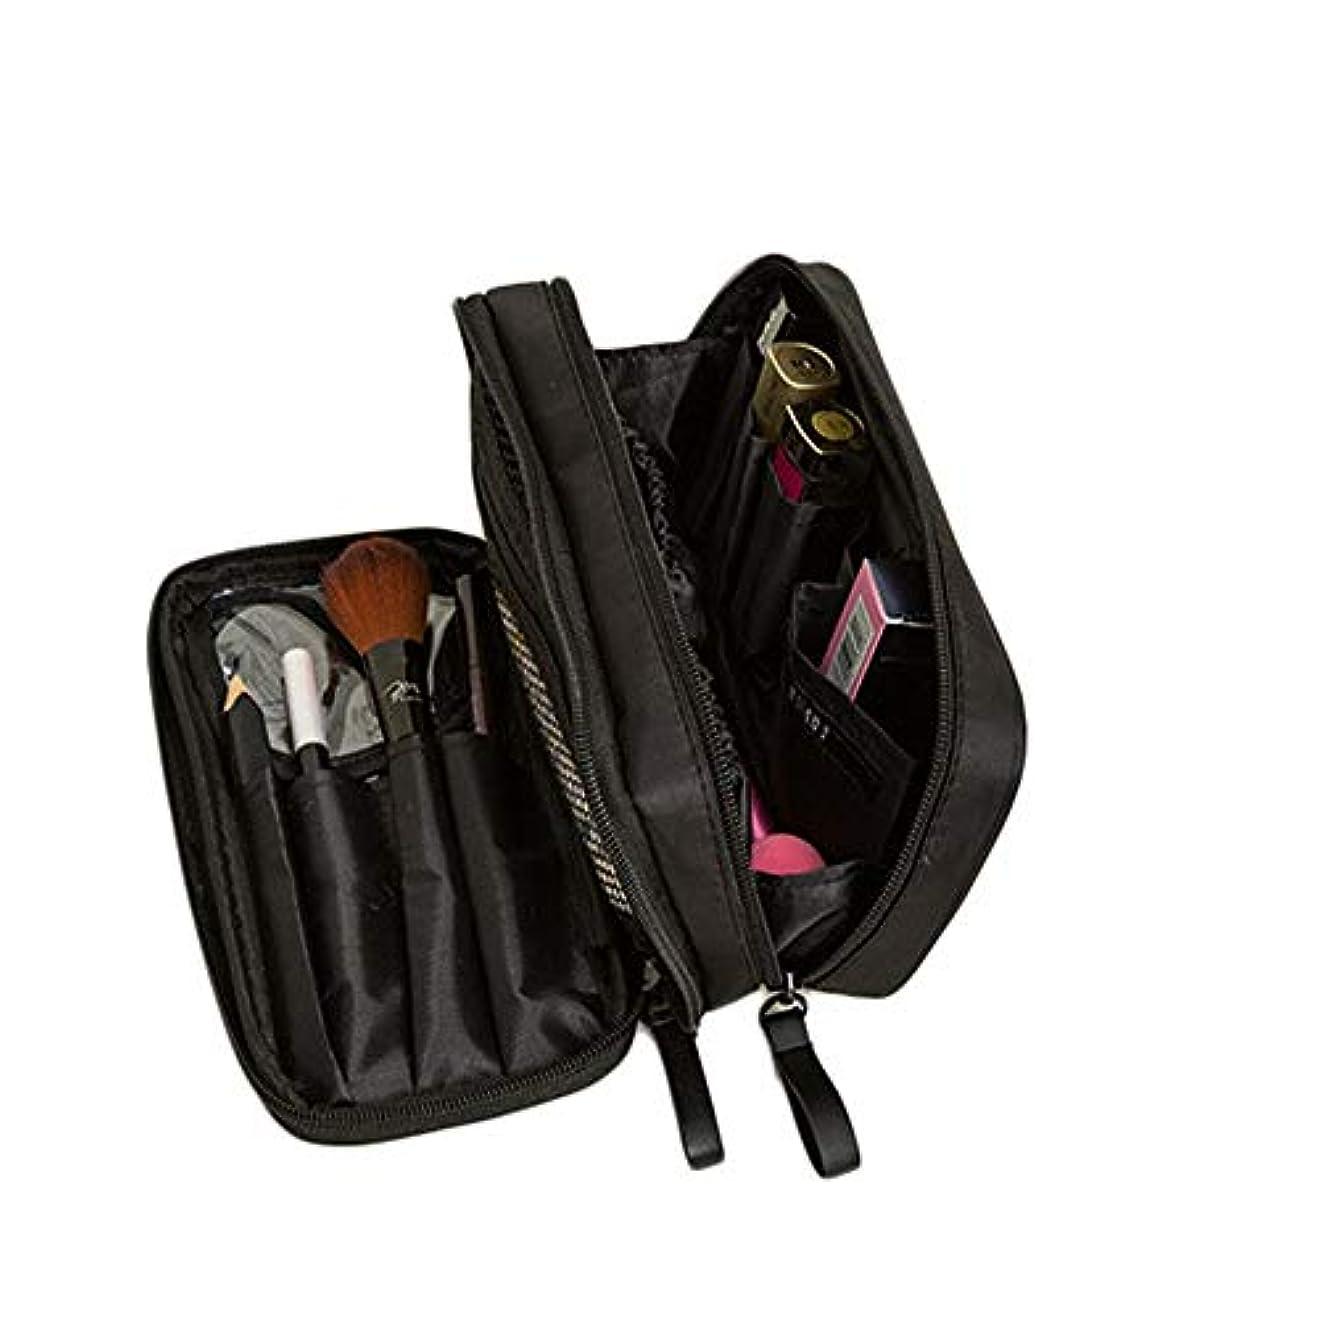 作曲家ファンネルウェブスパイダー松の木特大スペース収納ビューティーボックス 携帯用化粧品袋、専門の化粧品袋の札入れの旅行者の密集した二重層化粧品/化粧品のブラシ袋の女性、旅行/電車セットの貯蔵袋。 化粧品化粧台 (色 : ブラック)